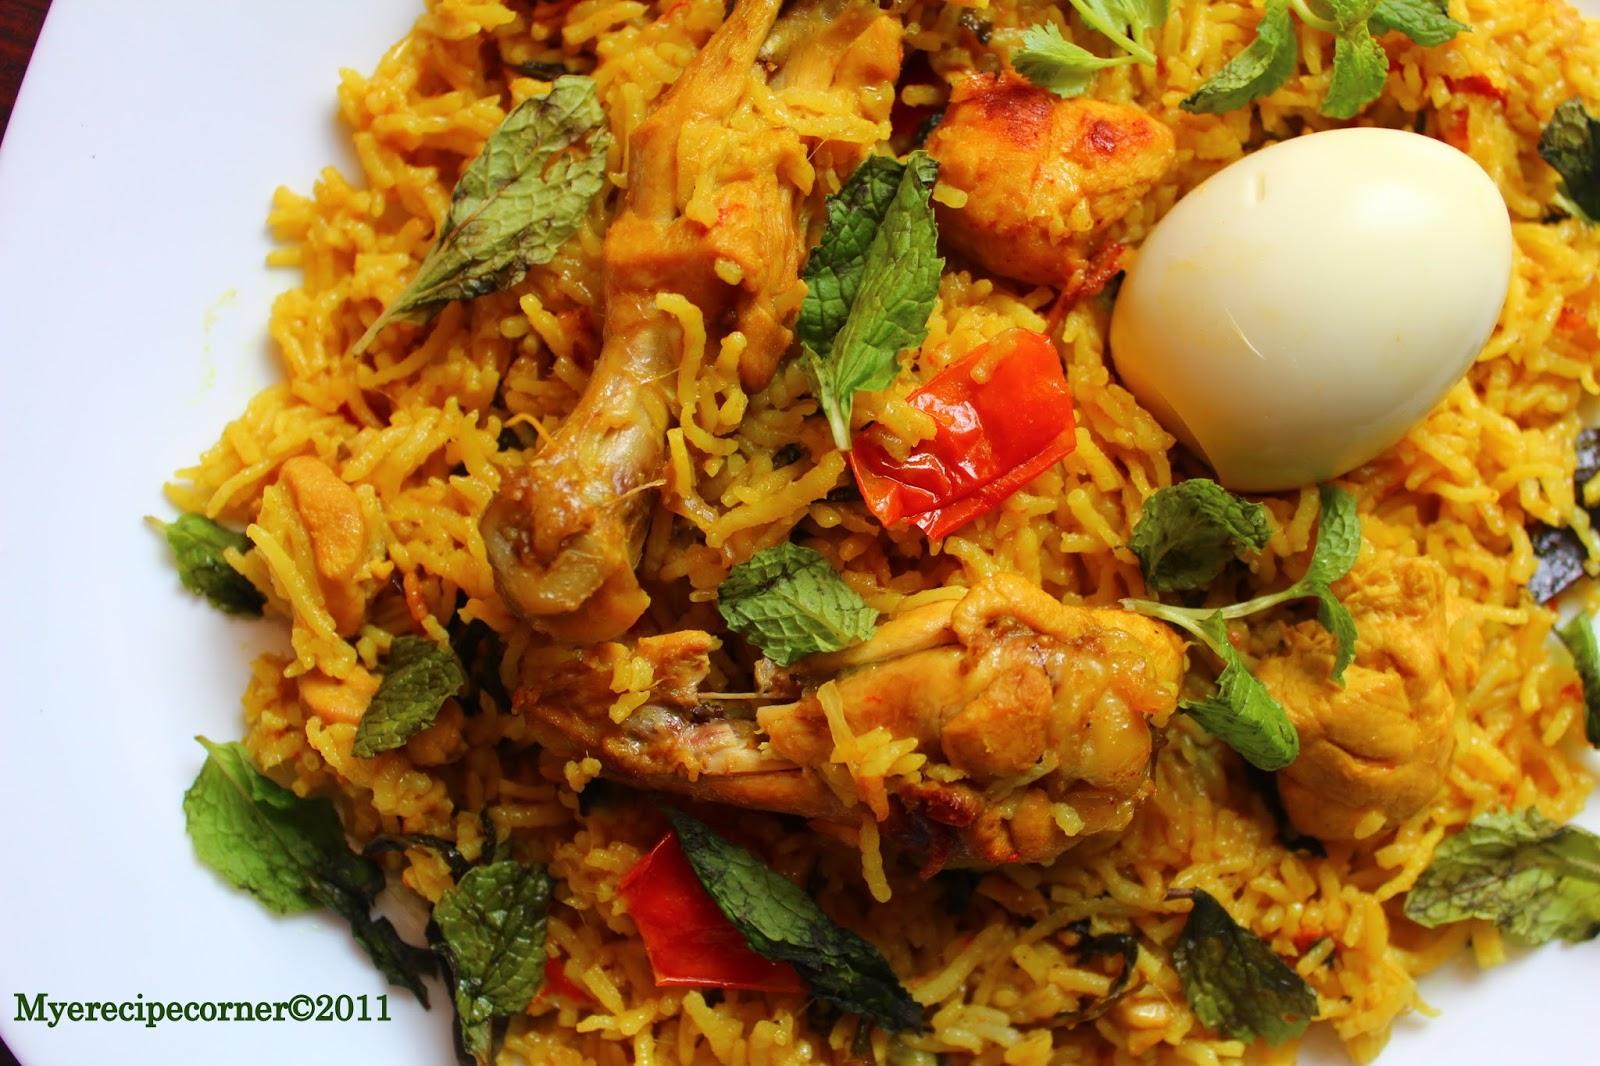 Chicken biryani kerala muslim style - photo#15